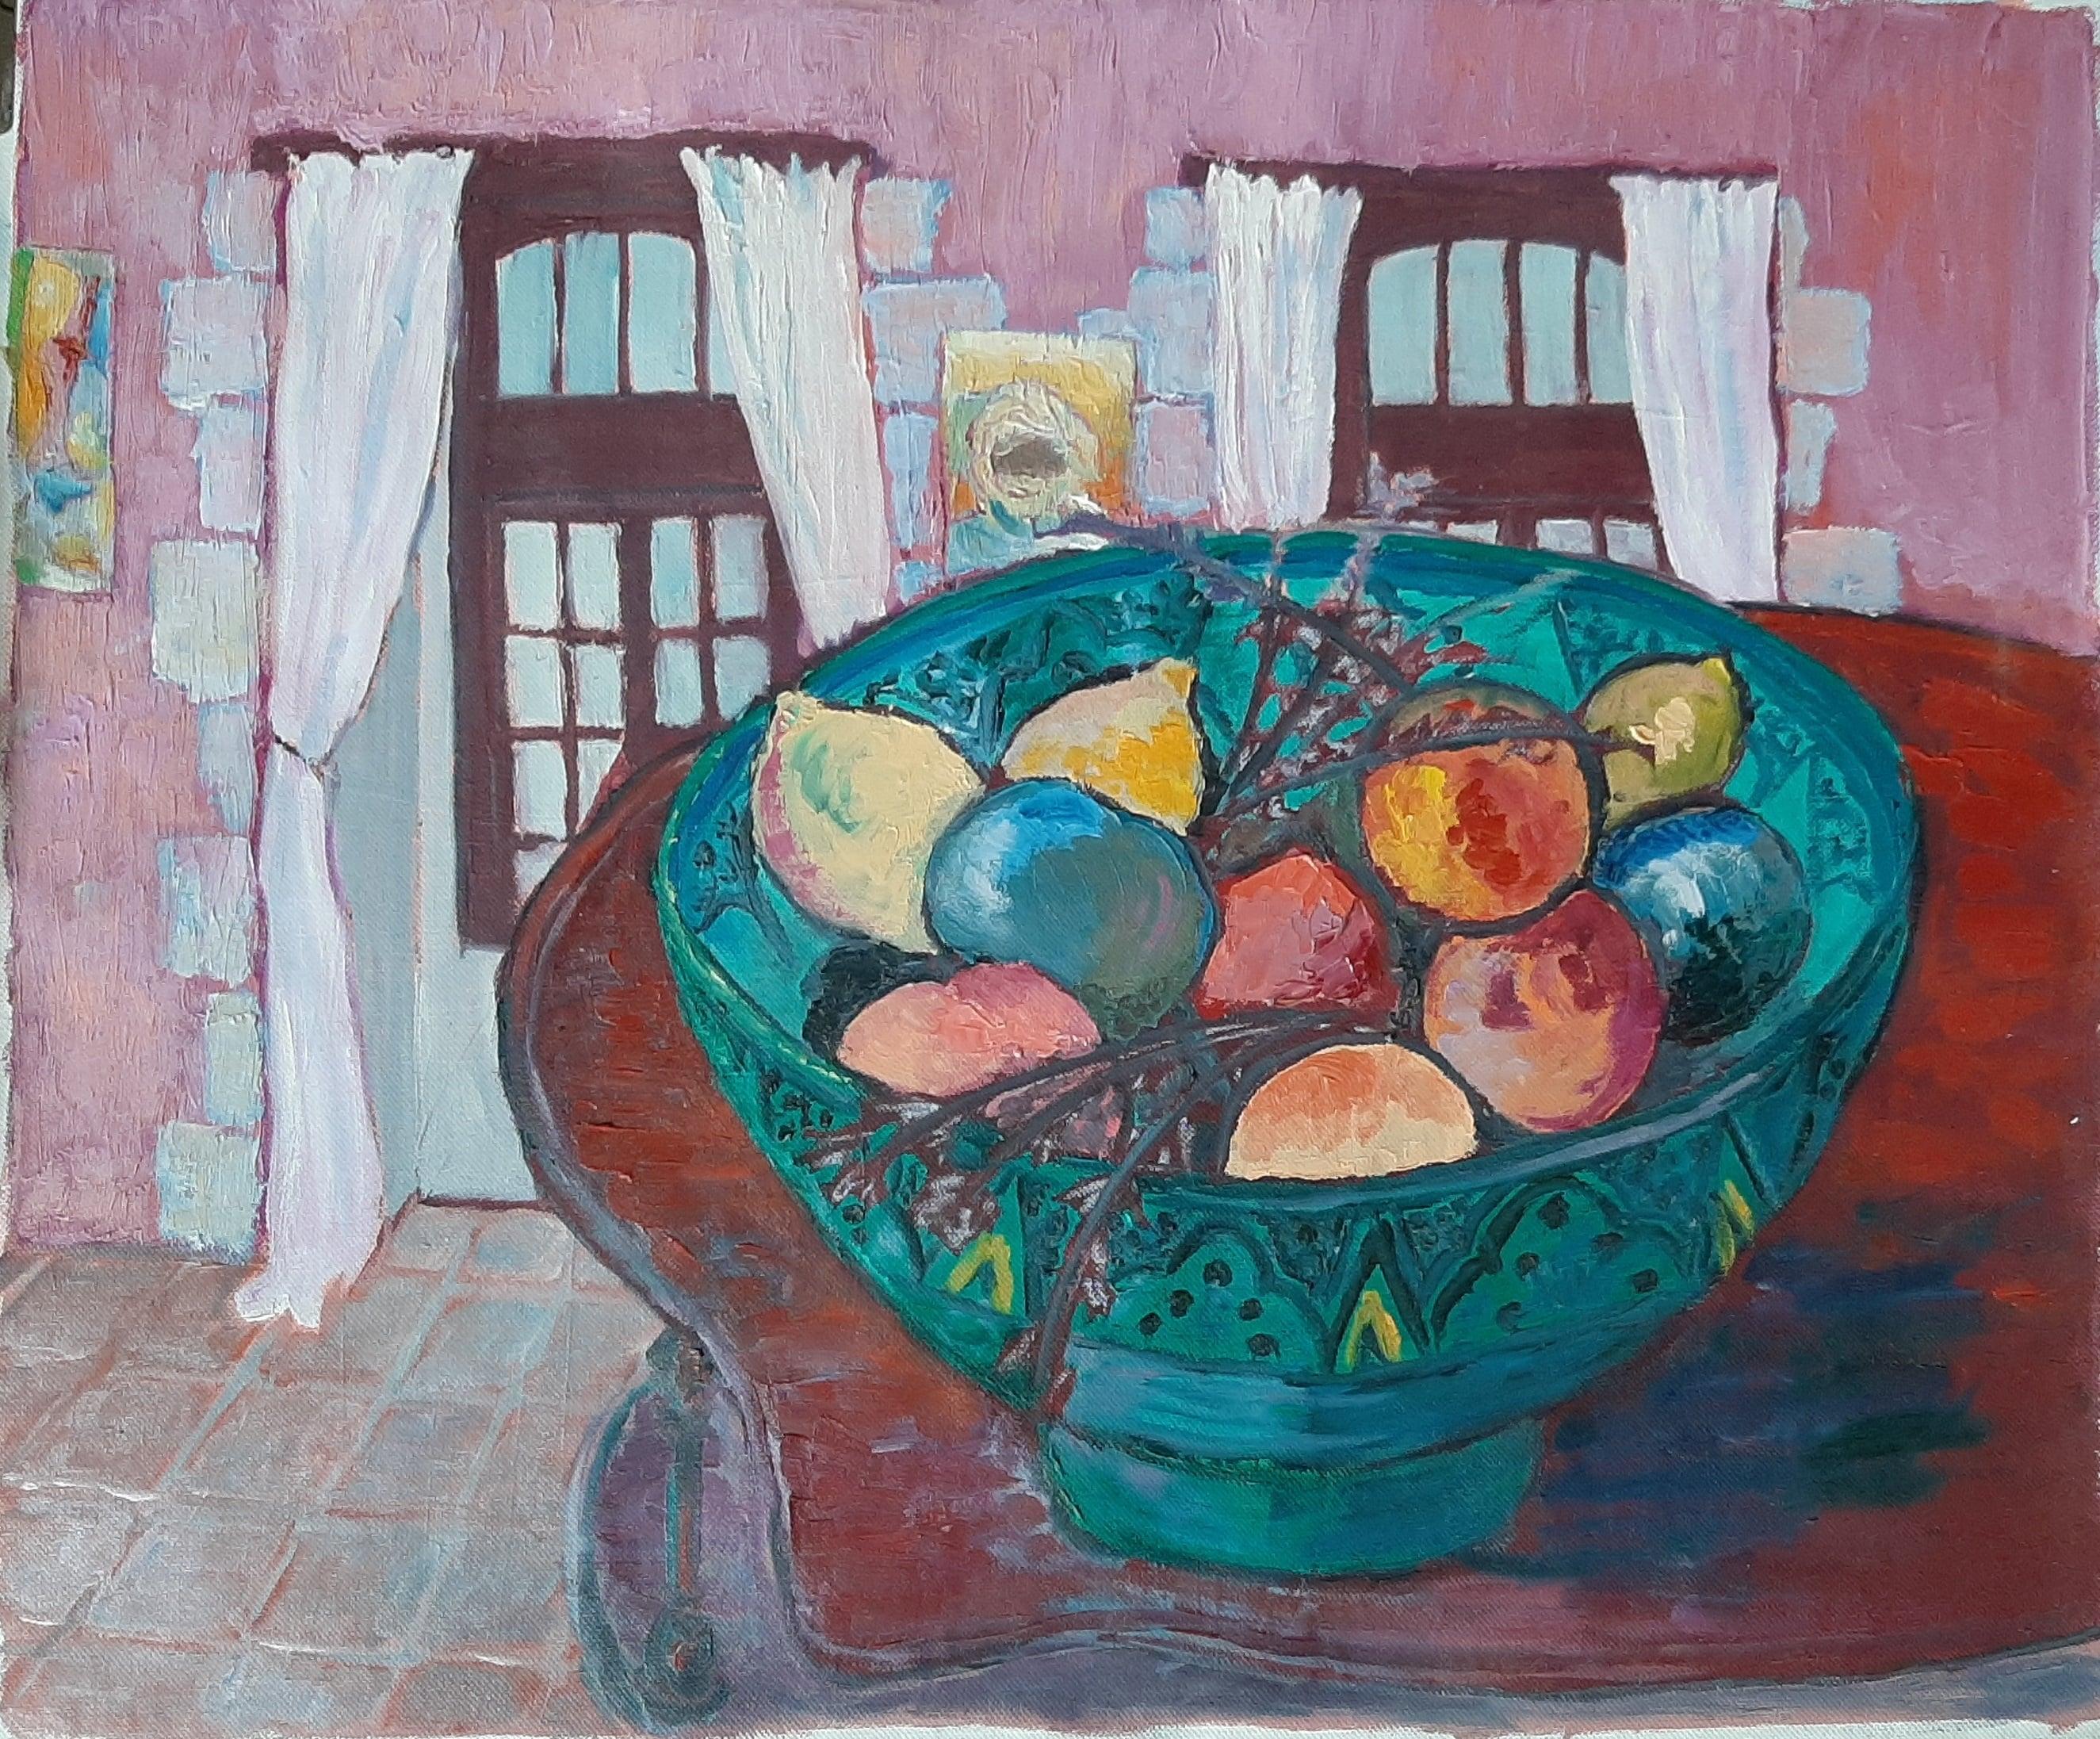 Hôtes et artistes en poitou - Vasque de Fruits